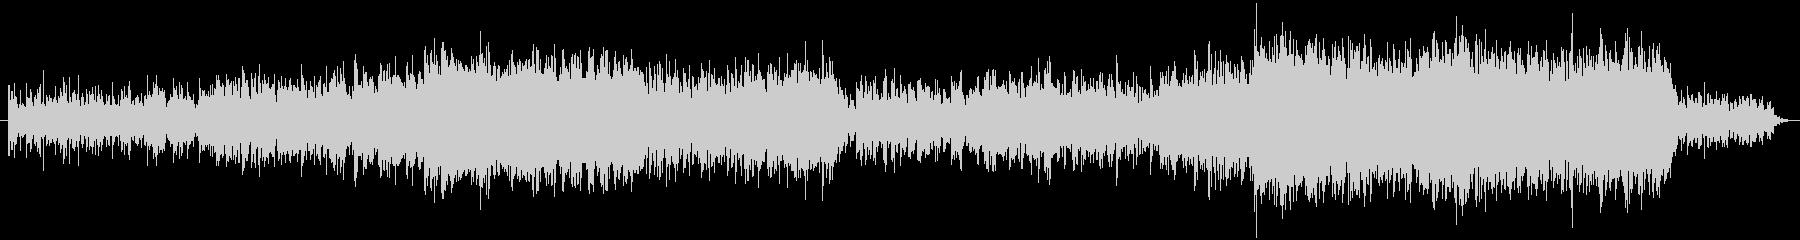 ビブラフォンとフィドルがメインのメルヘ…の未再生の波形